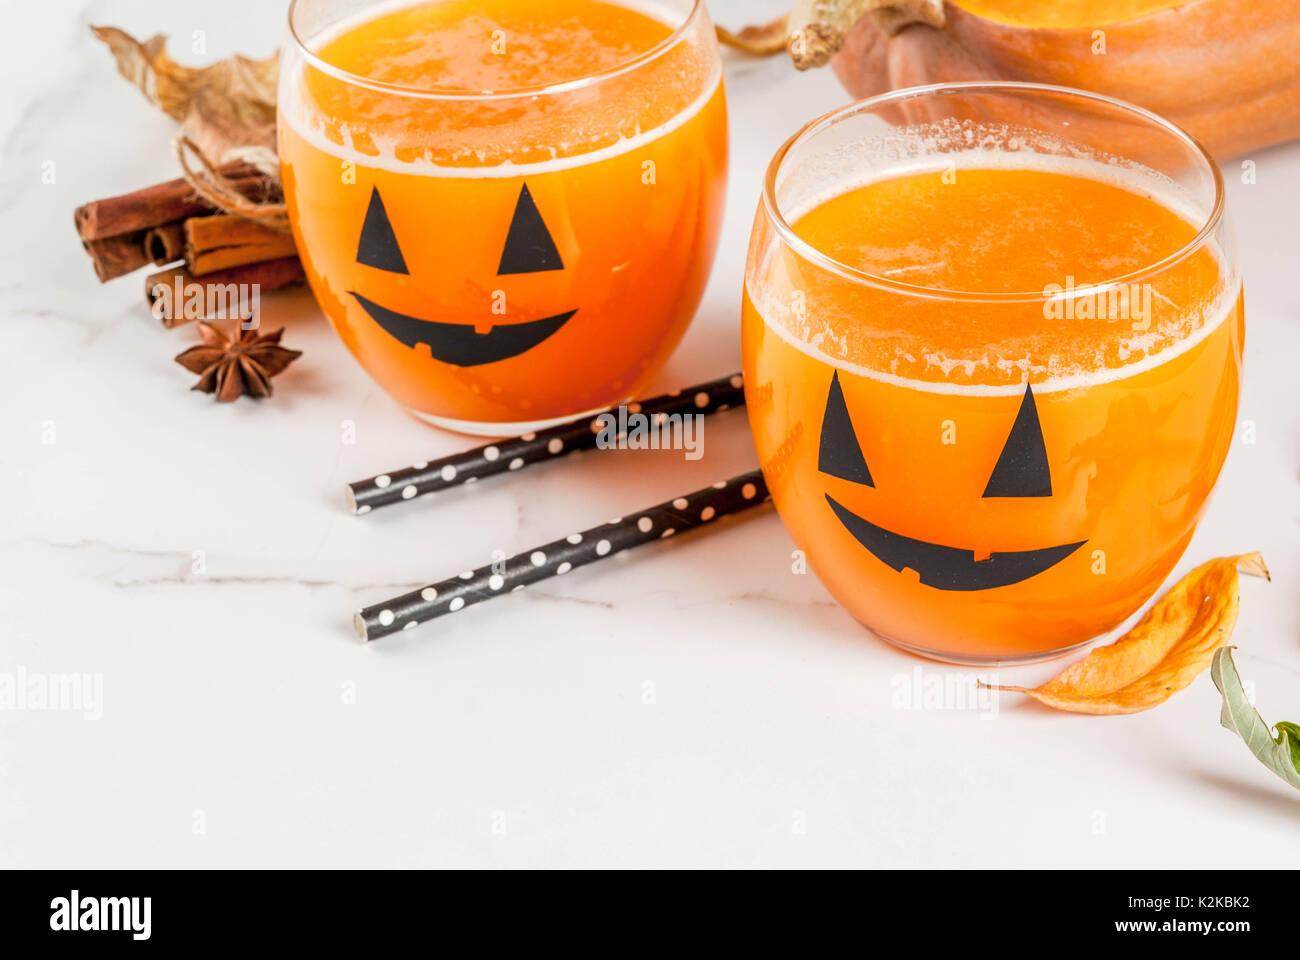 Festa Halloween Idee.Idee Per Un Bambini E Festa Di Halloween Tratta Arancione Zucca